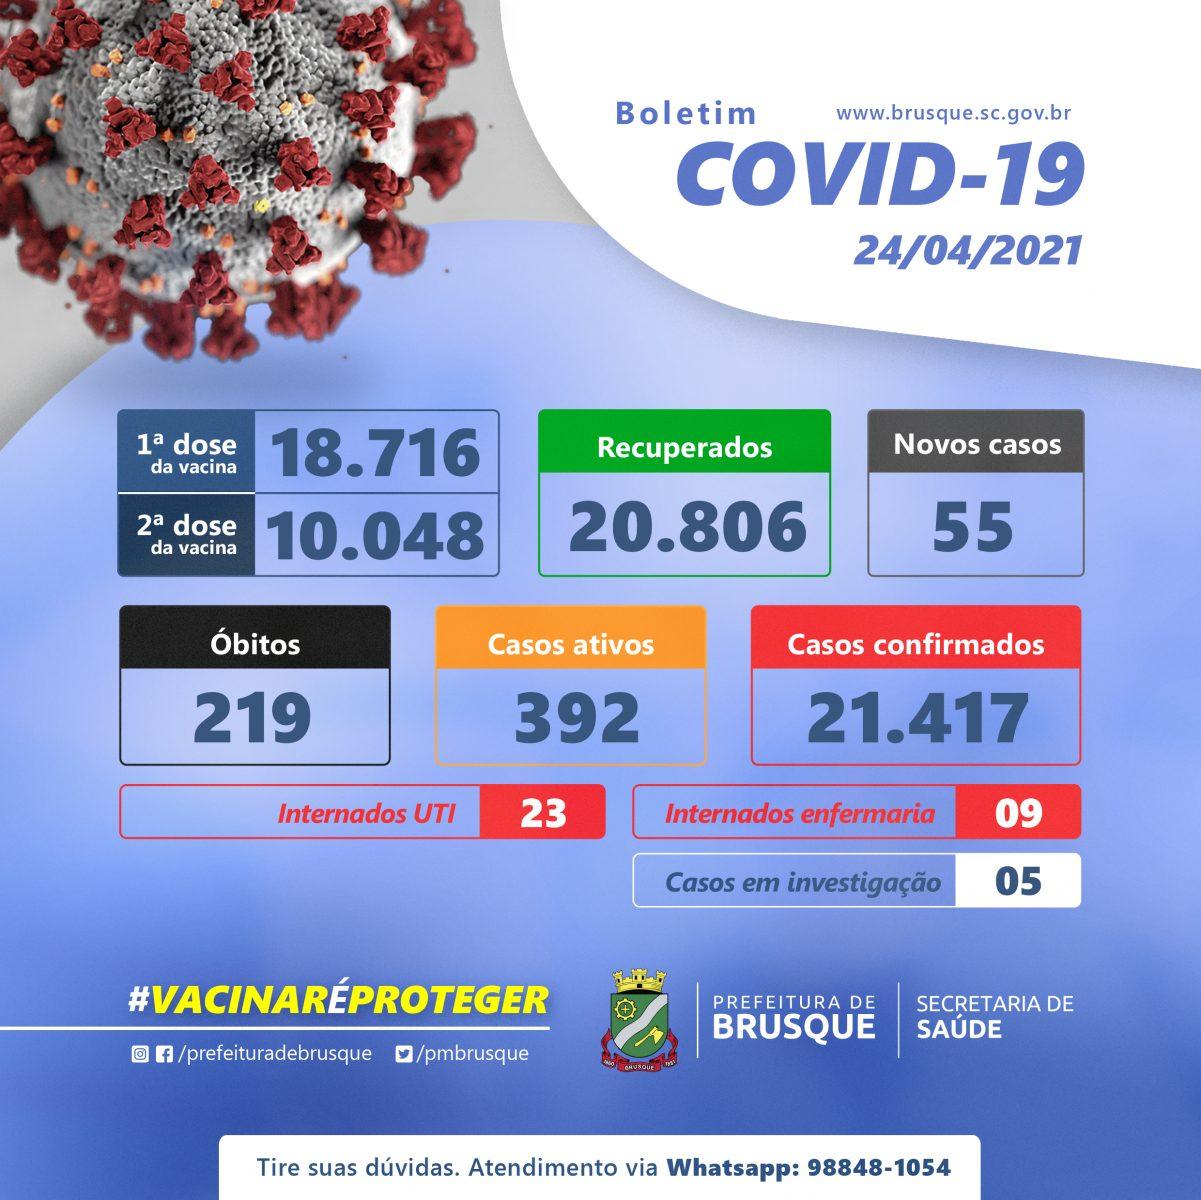 Covid-19: Confira o boletim epidemiológico deste sábado (24)